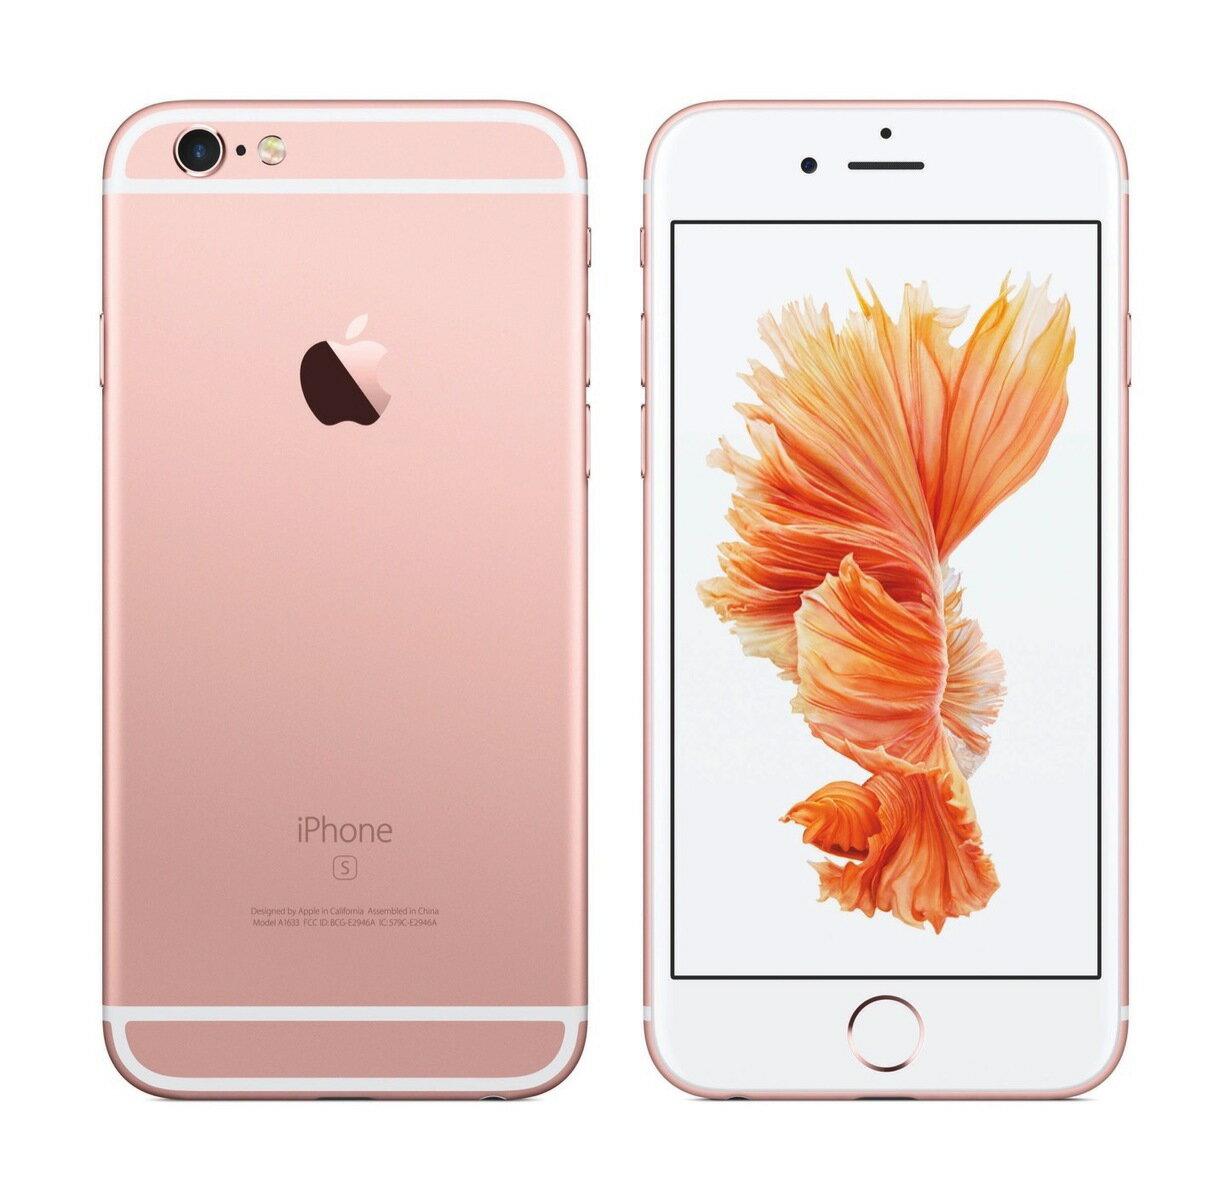 af78f441b9 「新品 未使用品 白ロム」 UQ iphone 6s 128gb RoseGold ローズゴールド※赤ロム永久保証  [Apple/アップル][アイフォン][MKQW2J/A][A1688] UQ iPhone 6s 128GB ローズ ...